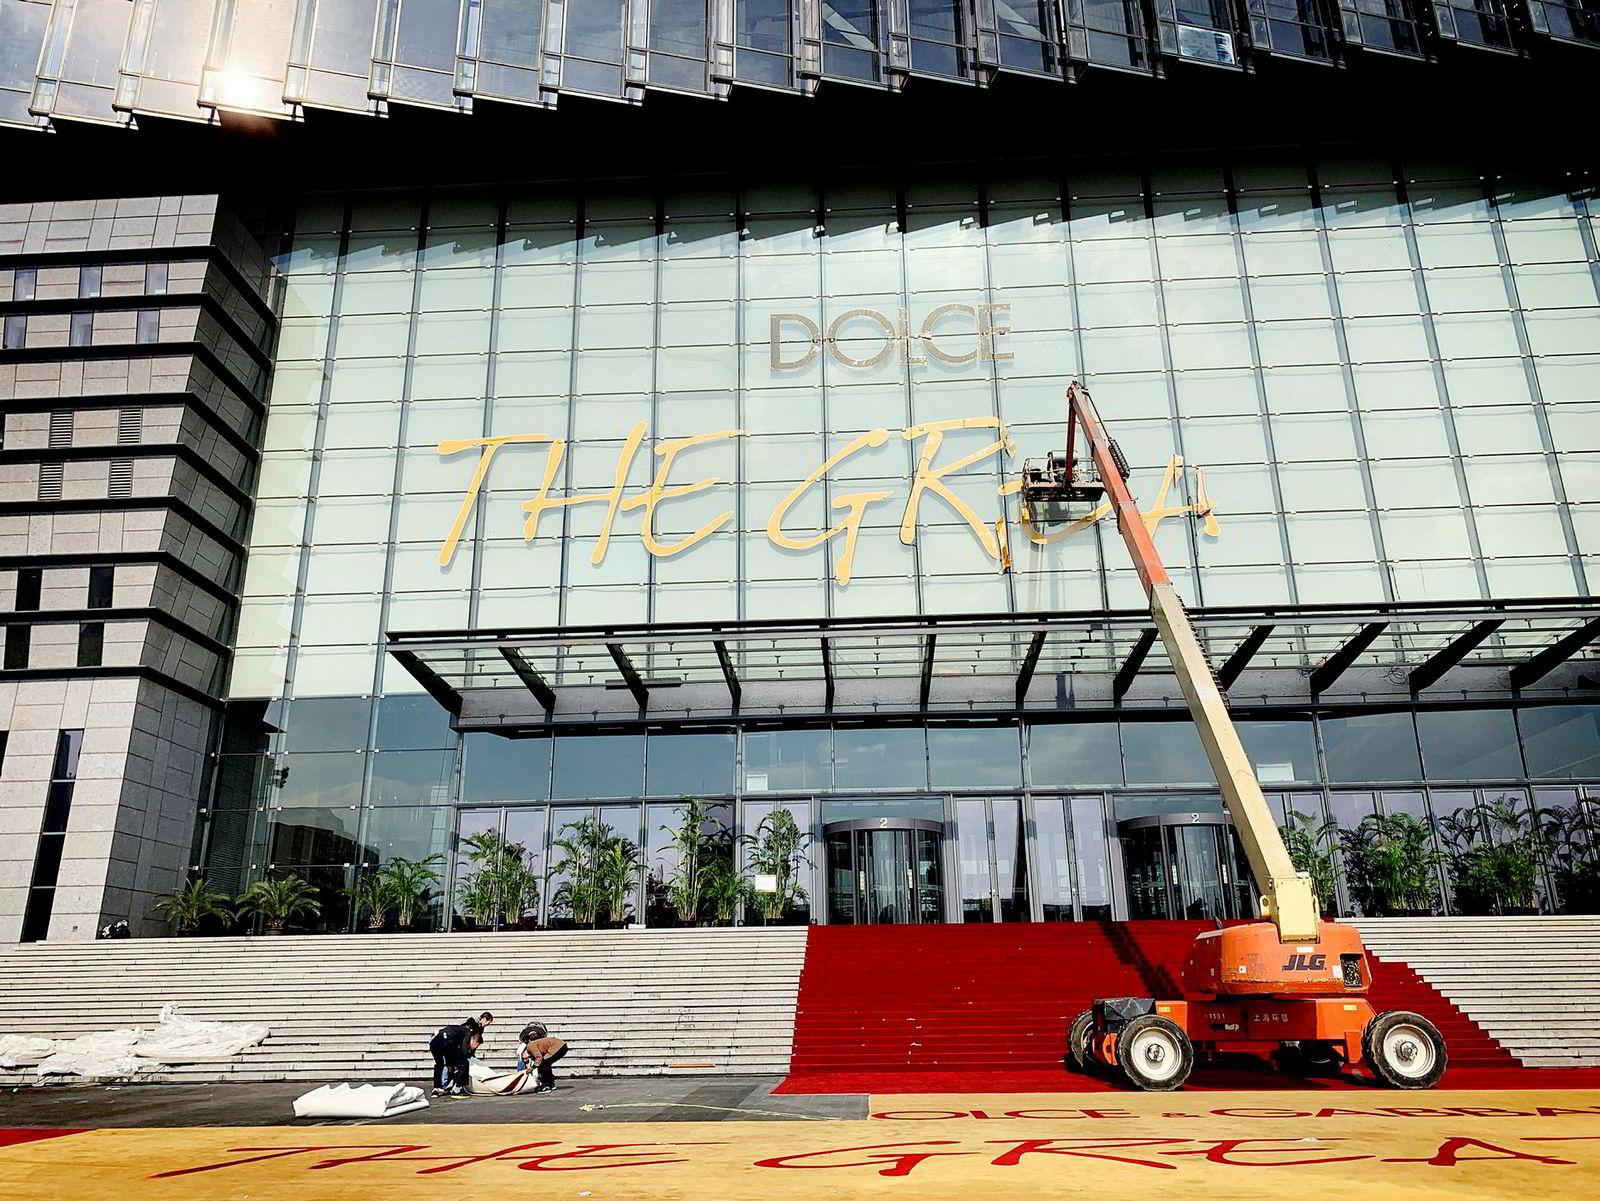 Fashionshowet «Dolce & Gabbana The Great Show» ble avlyst i Shanghai etter protester mot selskapets reklamekampanje, som ble sett på som rasistisk, og grunnleggerens uttalelser i en privat melding på det sosiale nettverksstedet instagram.